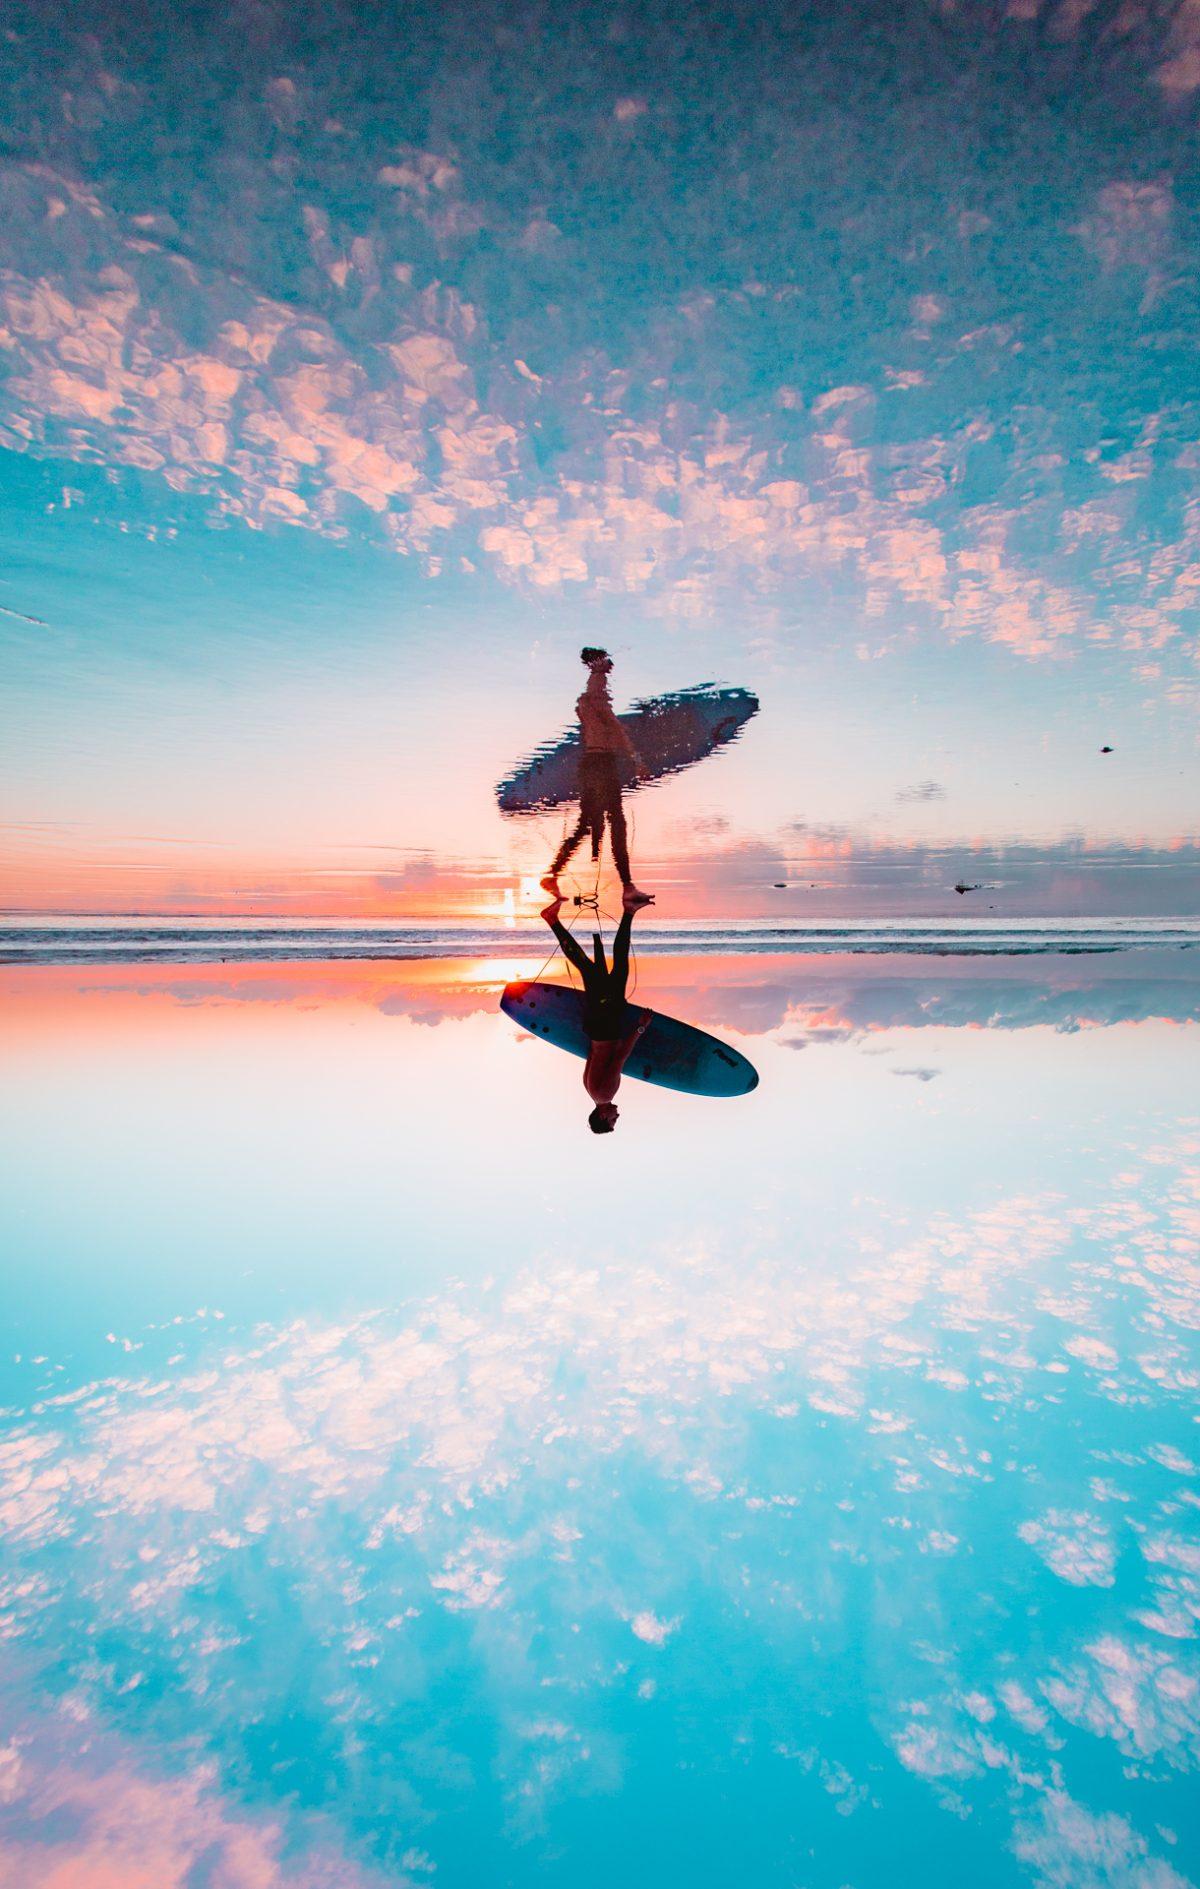 Surfer, Reflection, Ocean, Longnecker